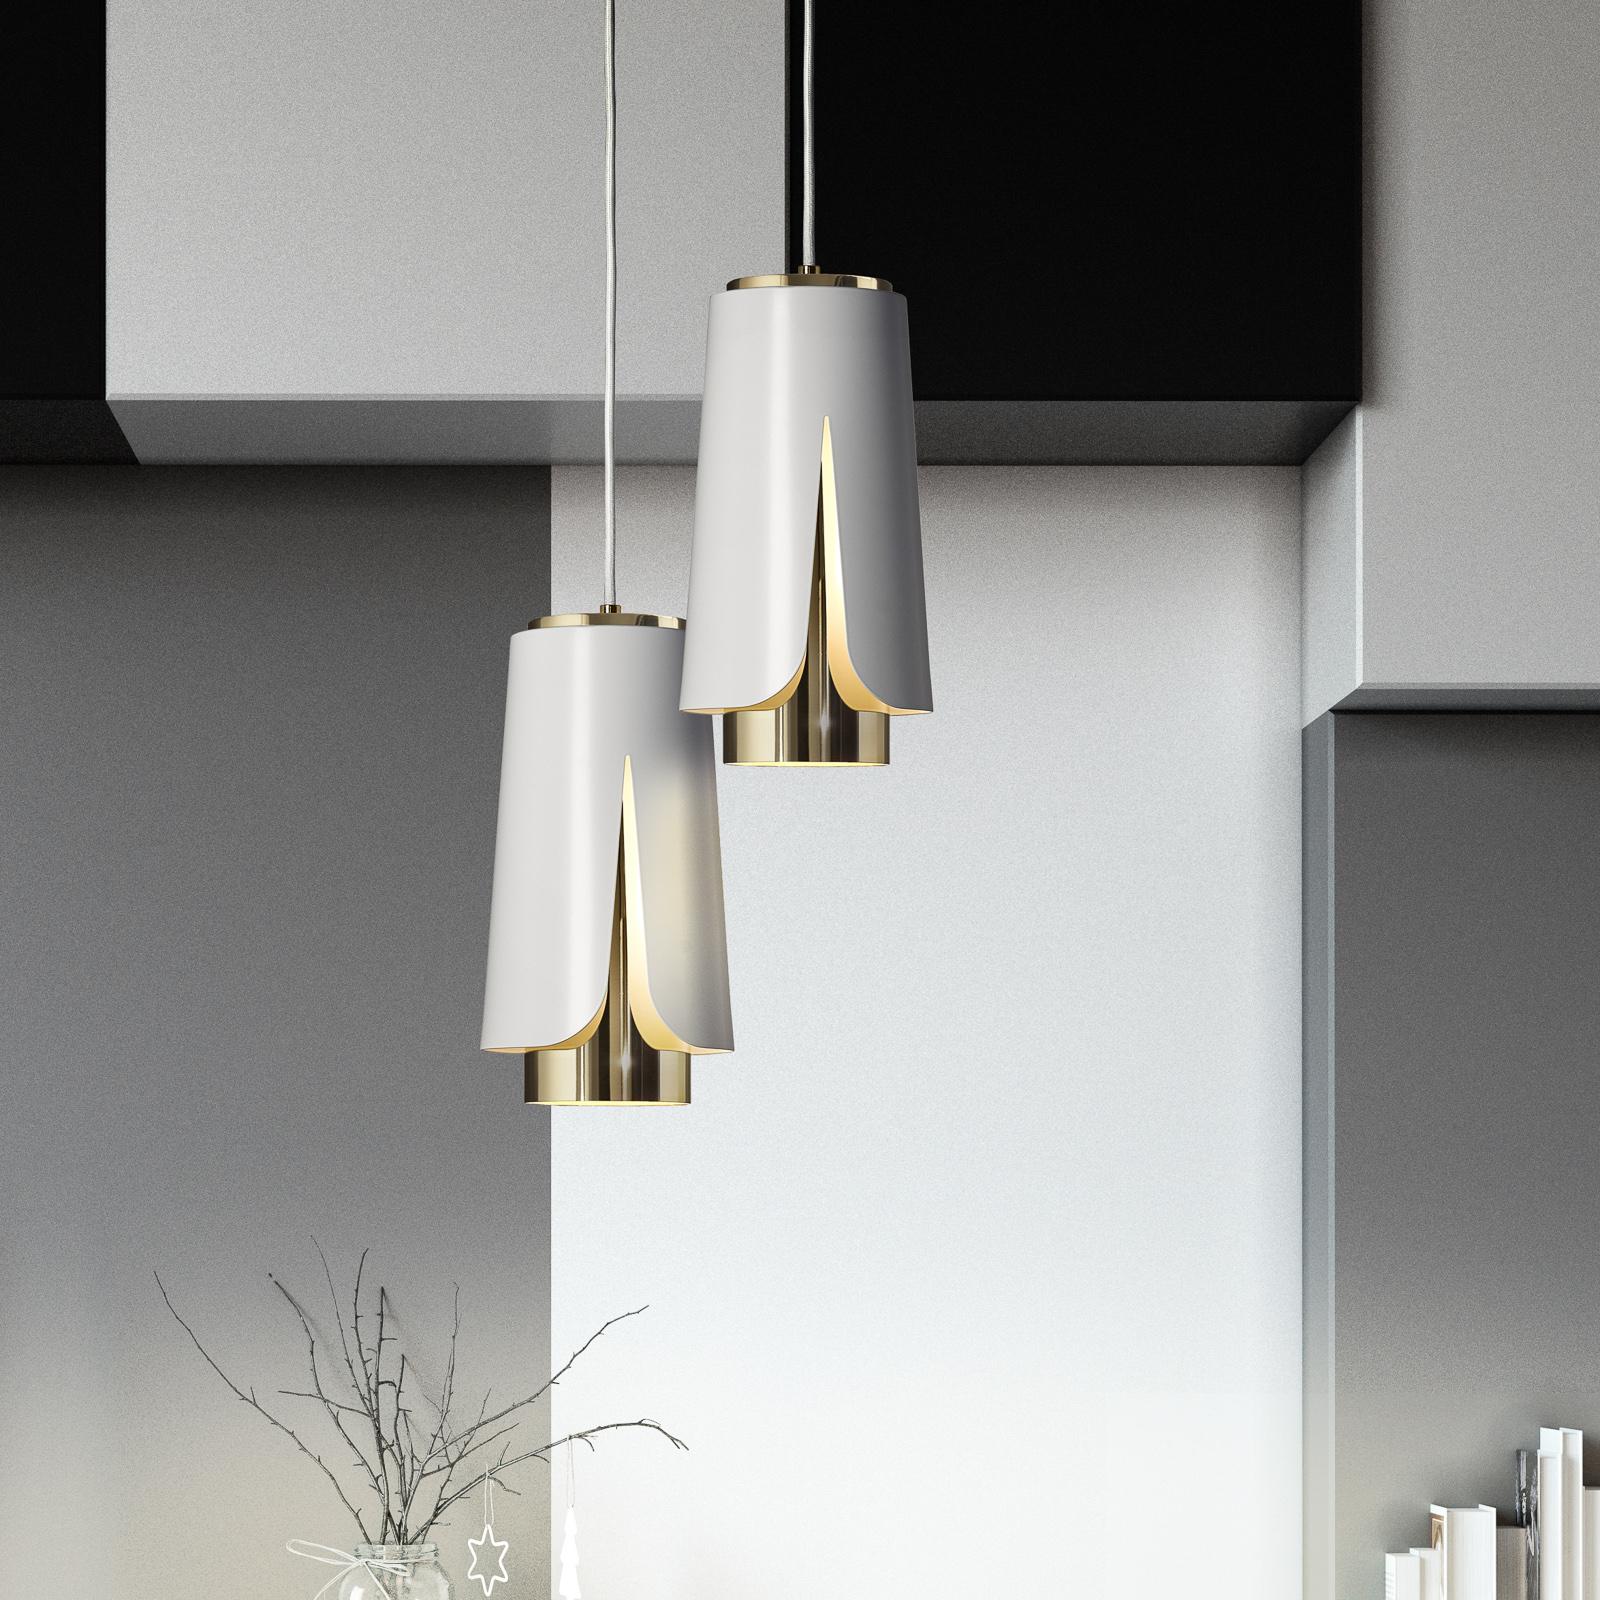 Prandina Tulipa S3 hanglamp mat wit/goud